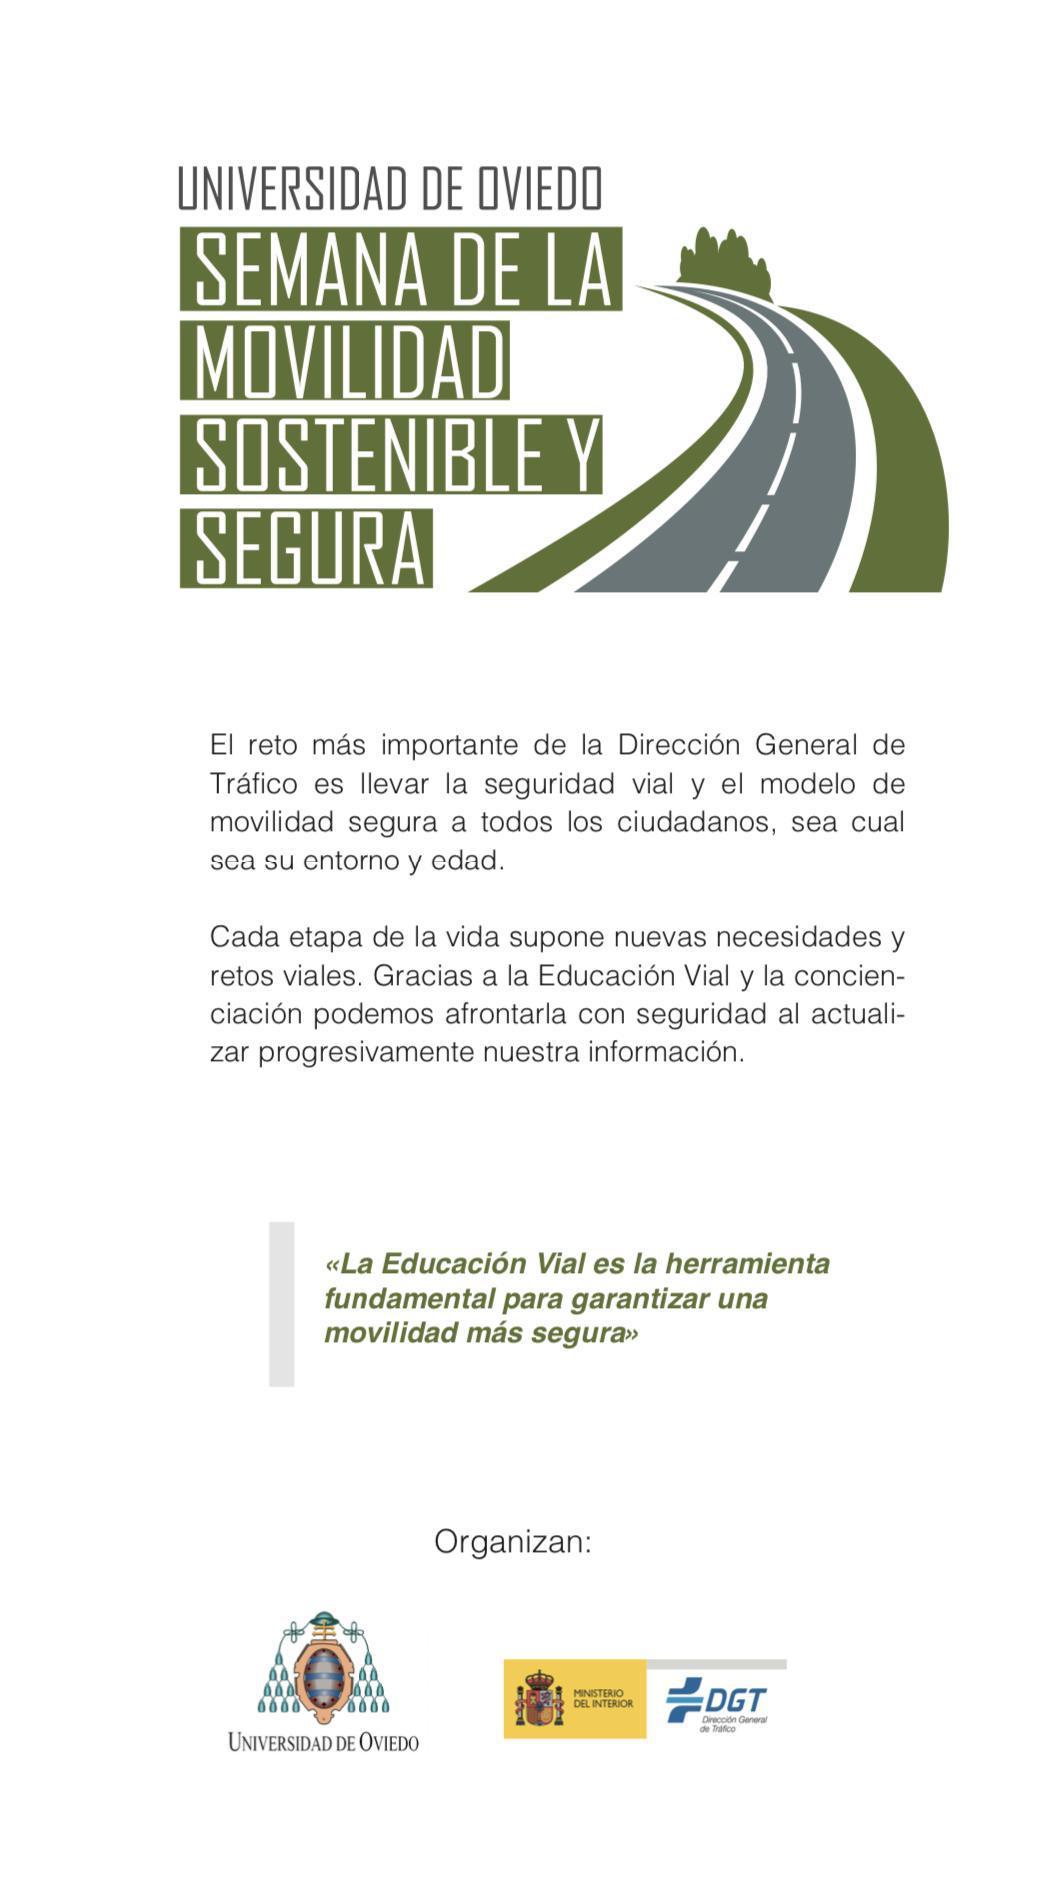 Semana de la Movilidad Sostenible y Segura UNIOVI